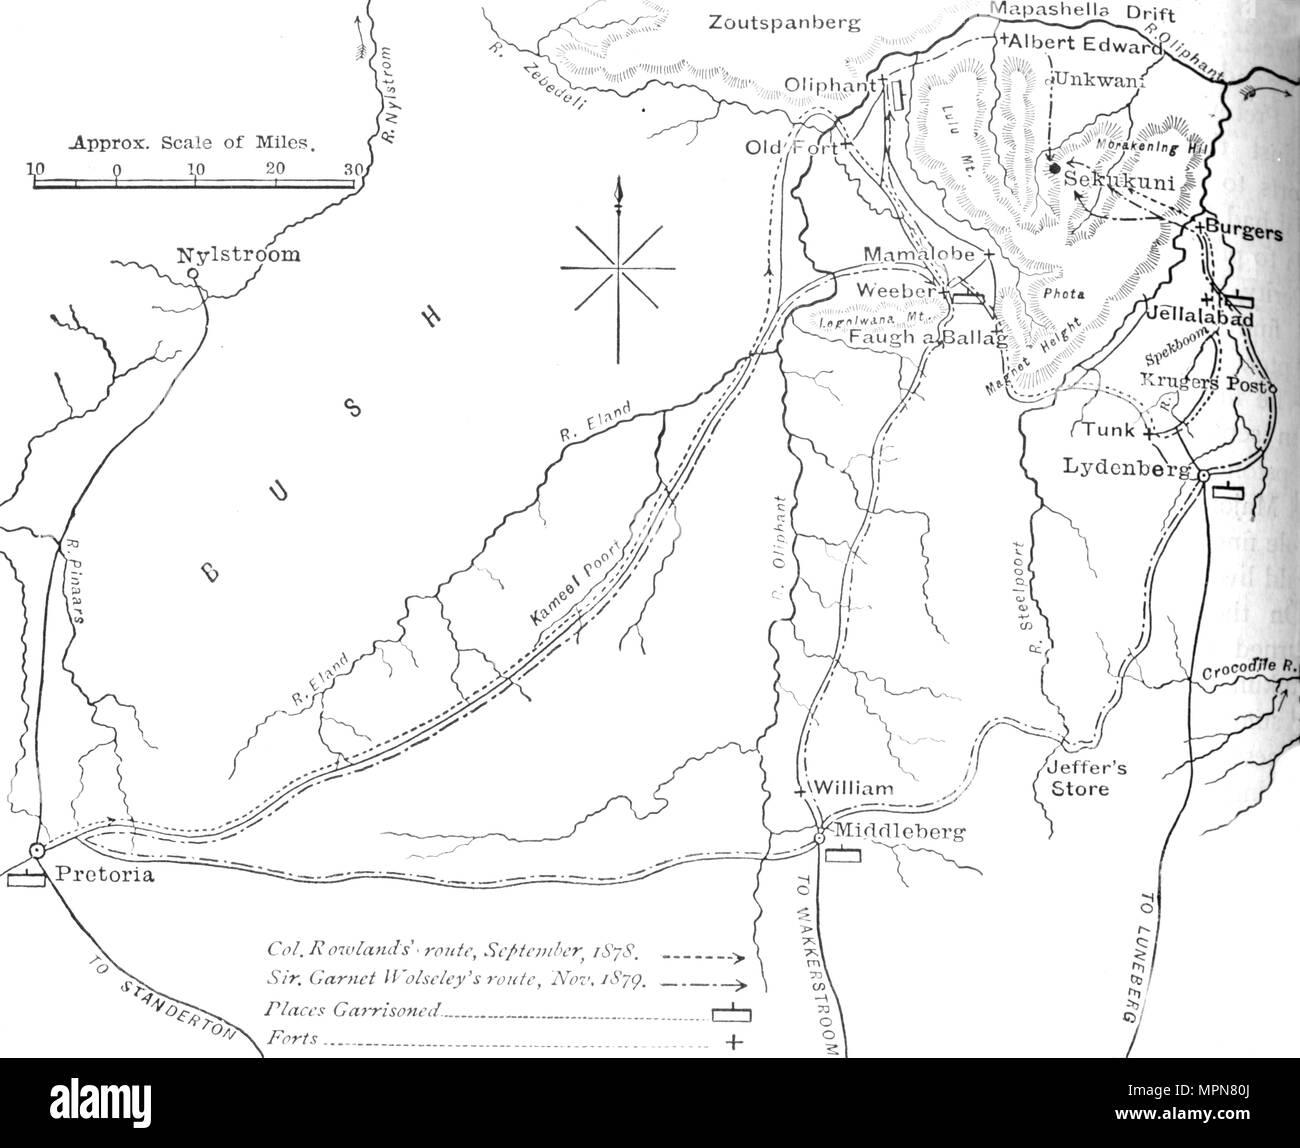 Die ketsch Karte von Sekukuni's Country', c 1880. Artist: Unbekannt. Stockbild